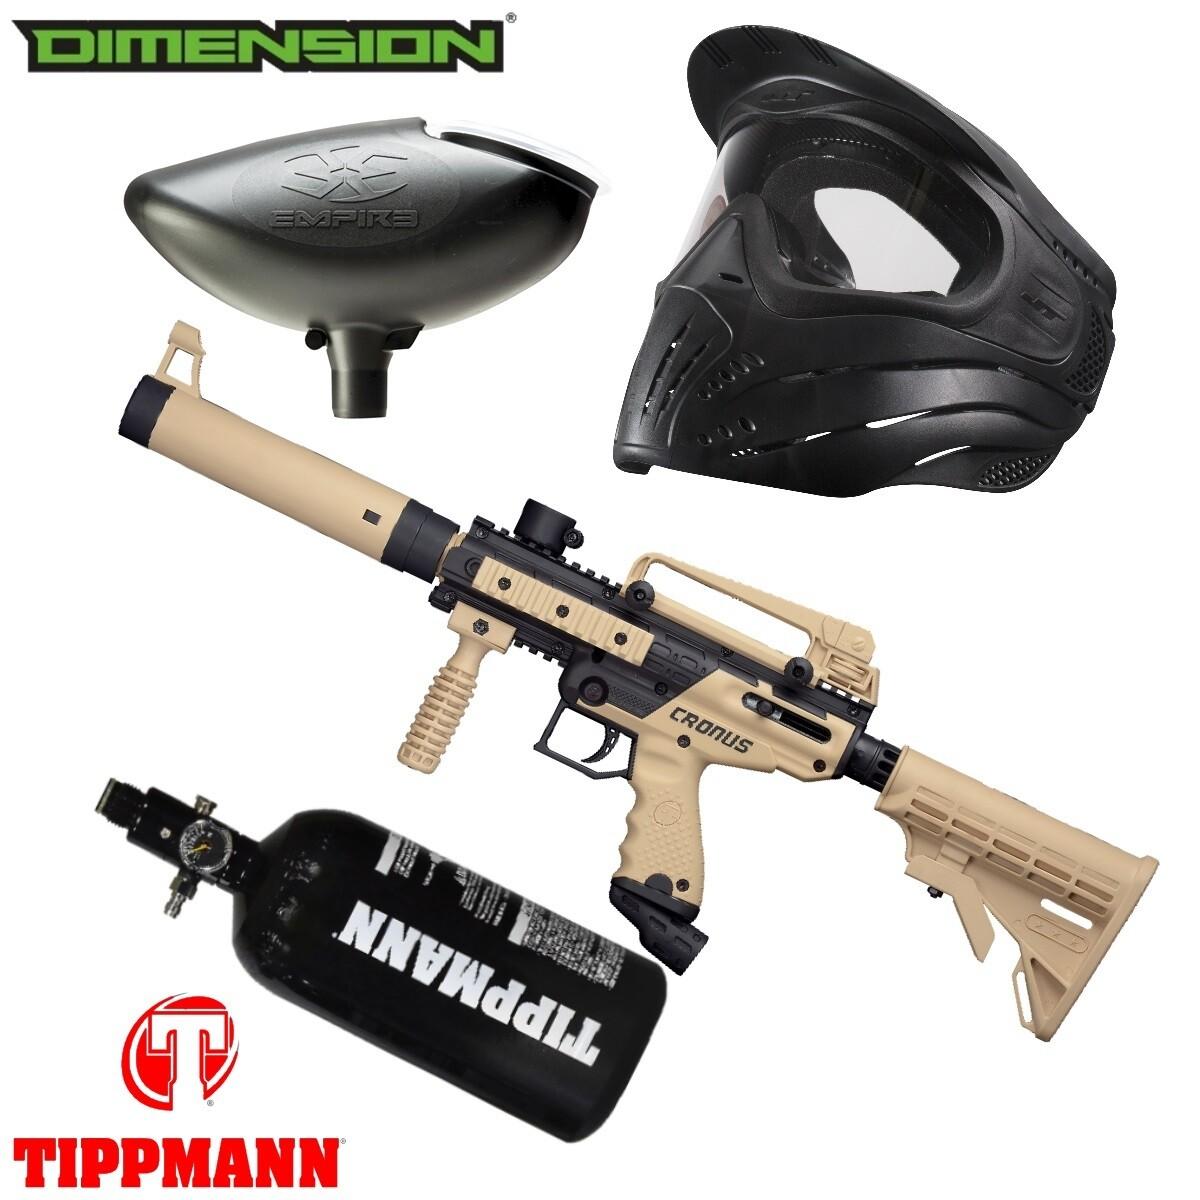 Marker Package - Tippmann Cronus Tactical Marker - Black:Tan / 200 Rnd. Loader / Premise Mask Single / 48cu 3000 psi Air Tank